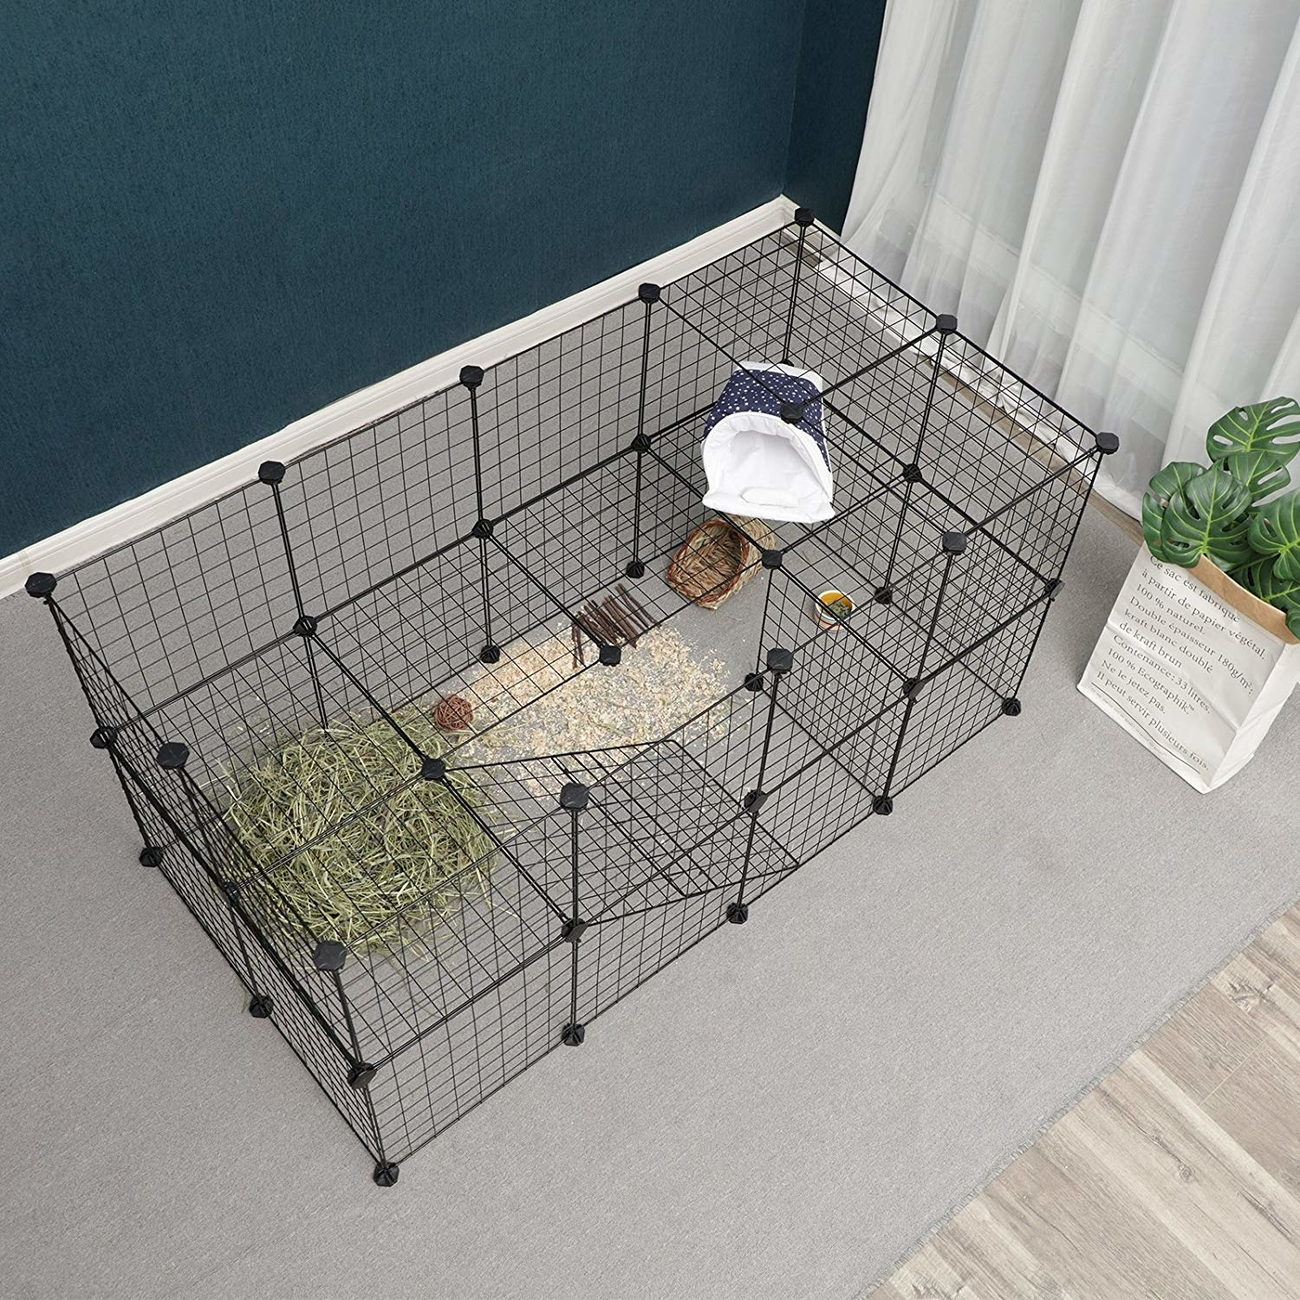 SONGMICS Gittergehege großes Laufgitter für Kleintiere und Meerschweinchen, Bild 3